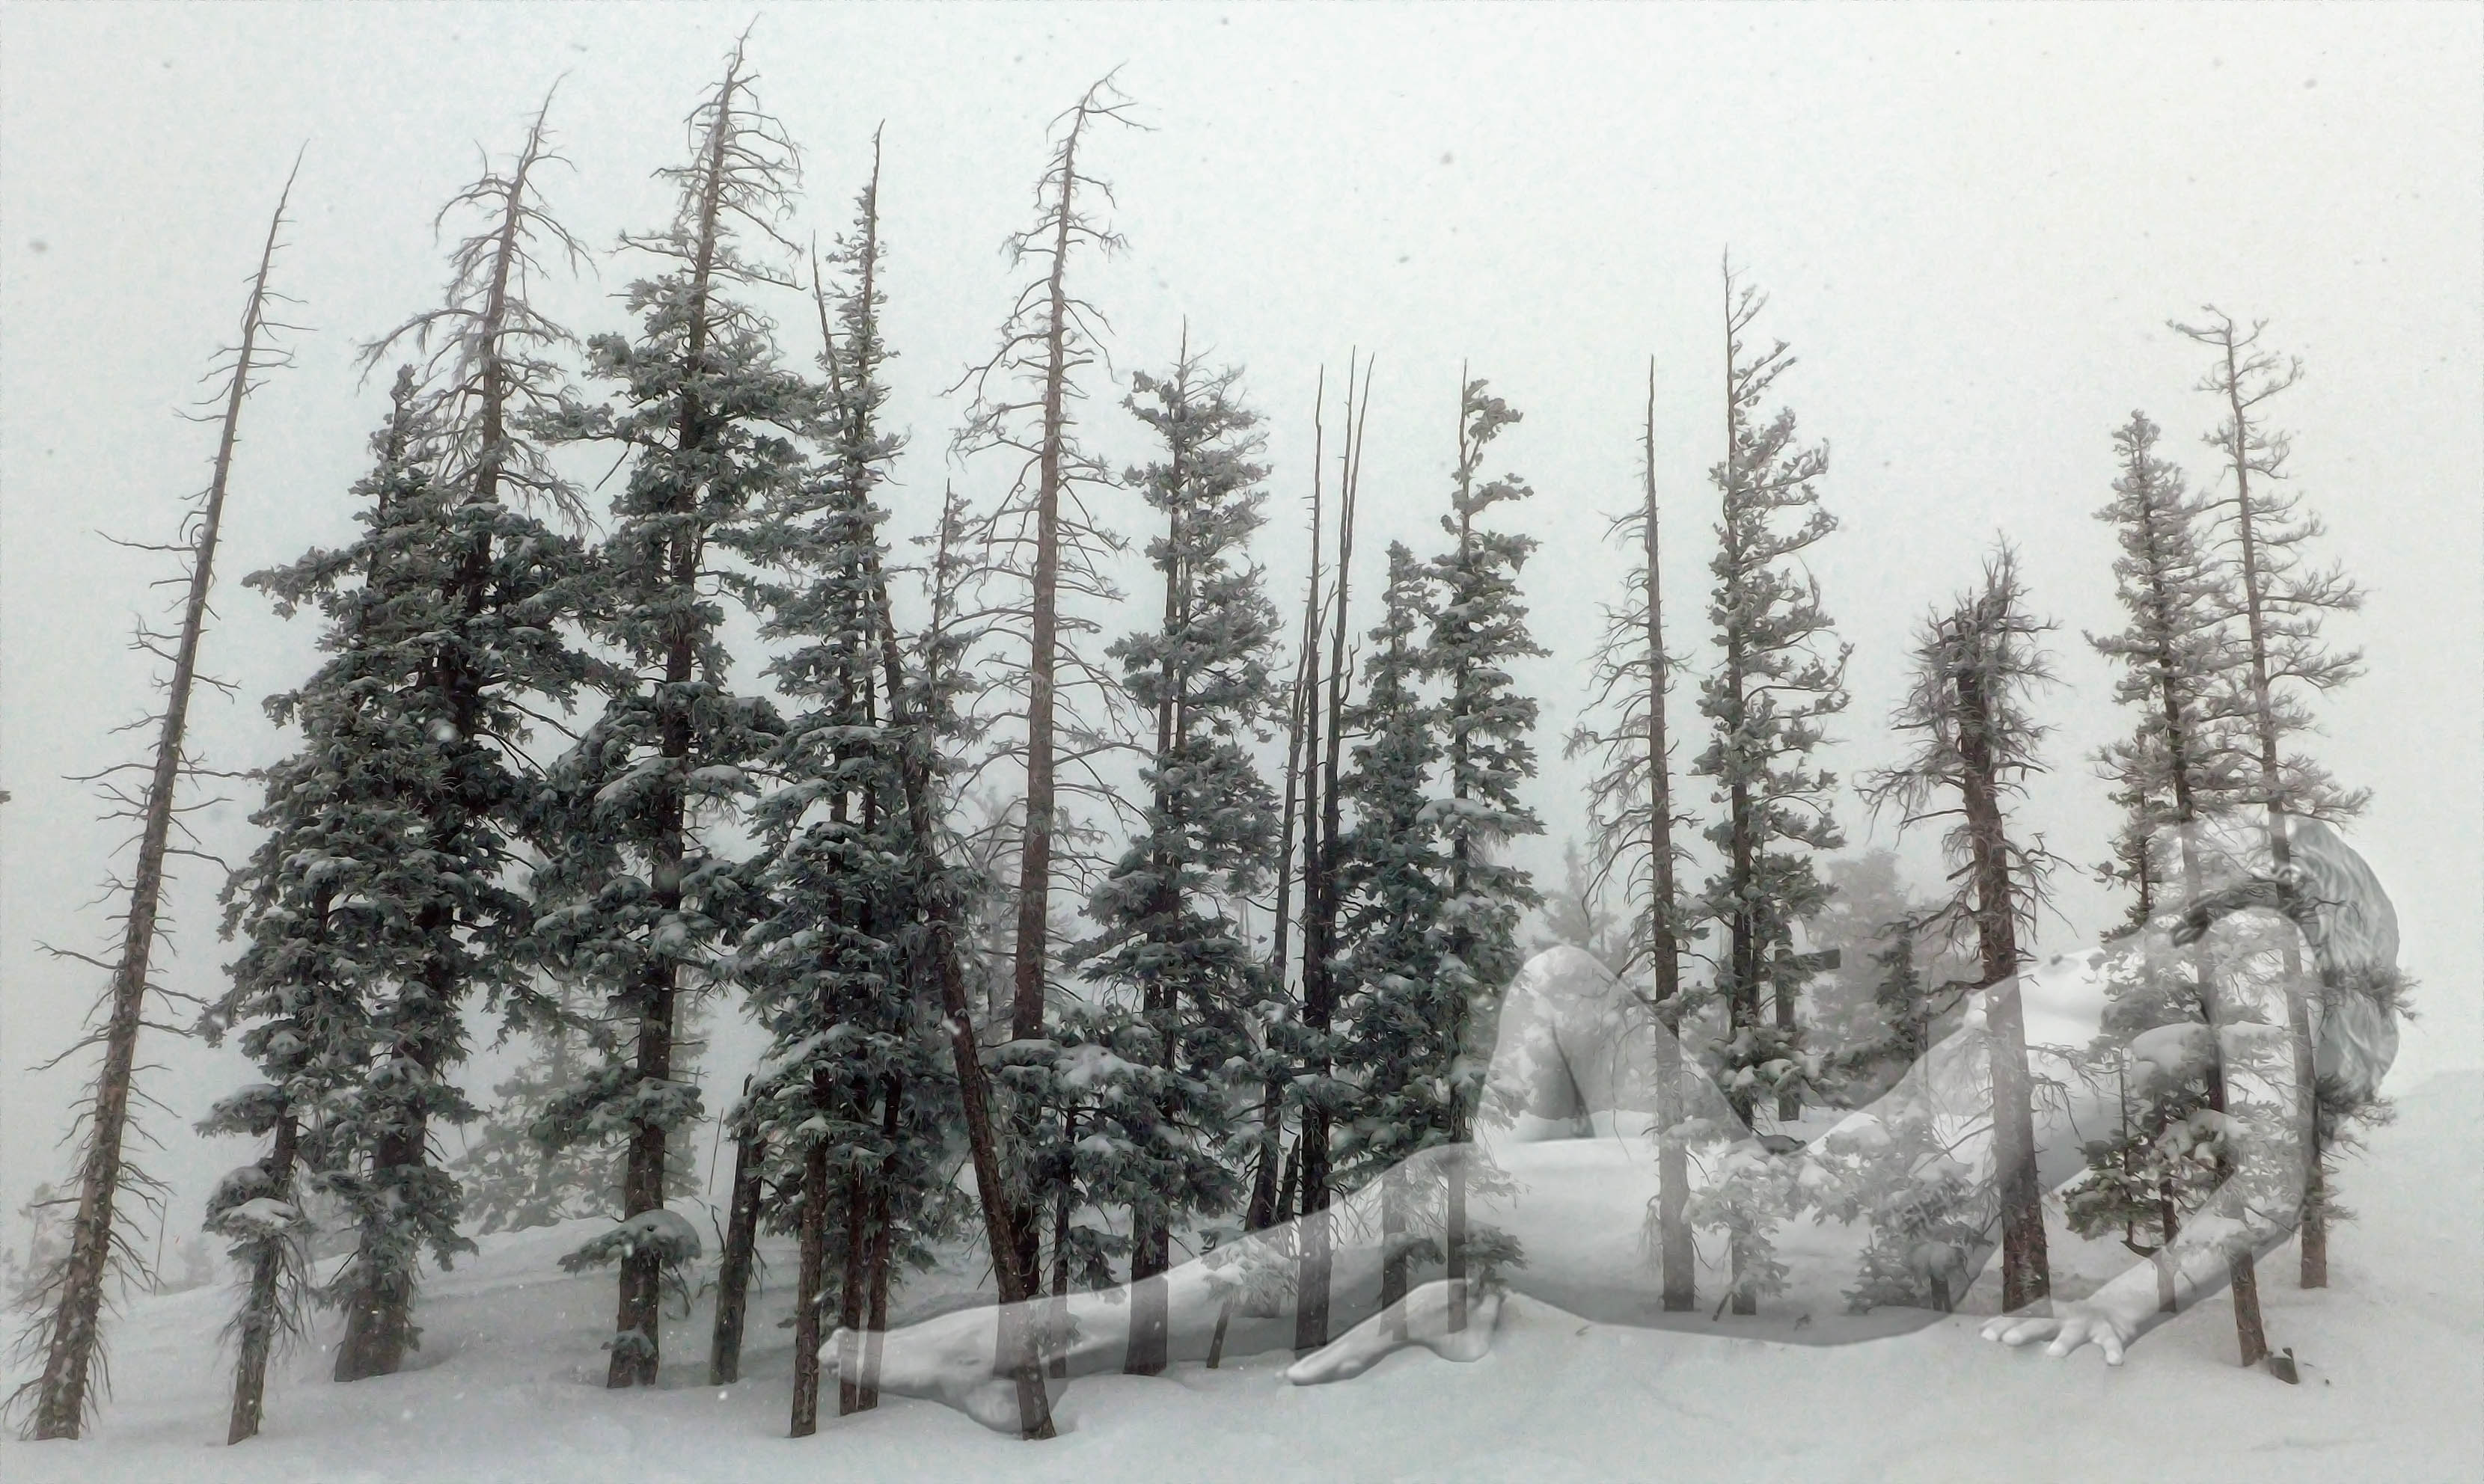 Lorelei Skis the Trees